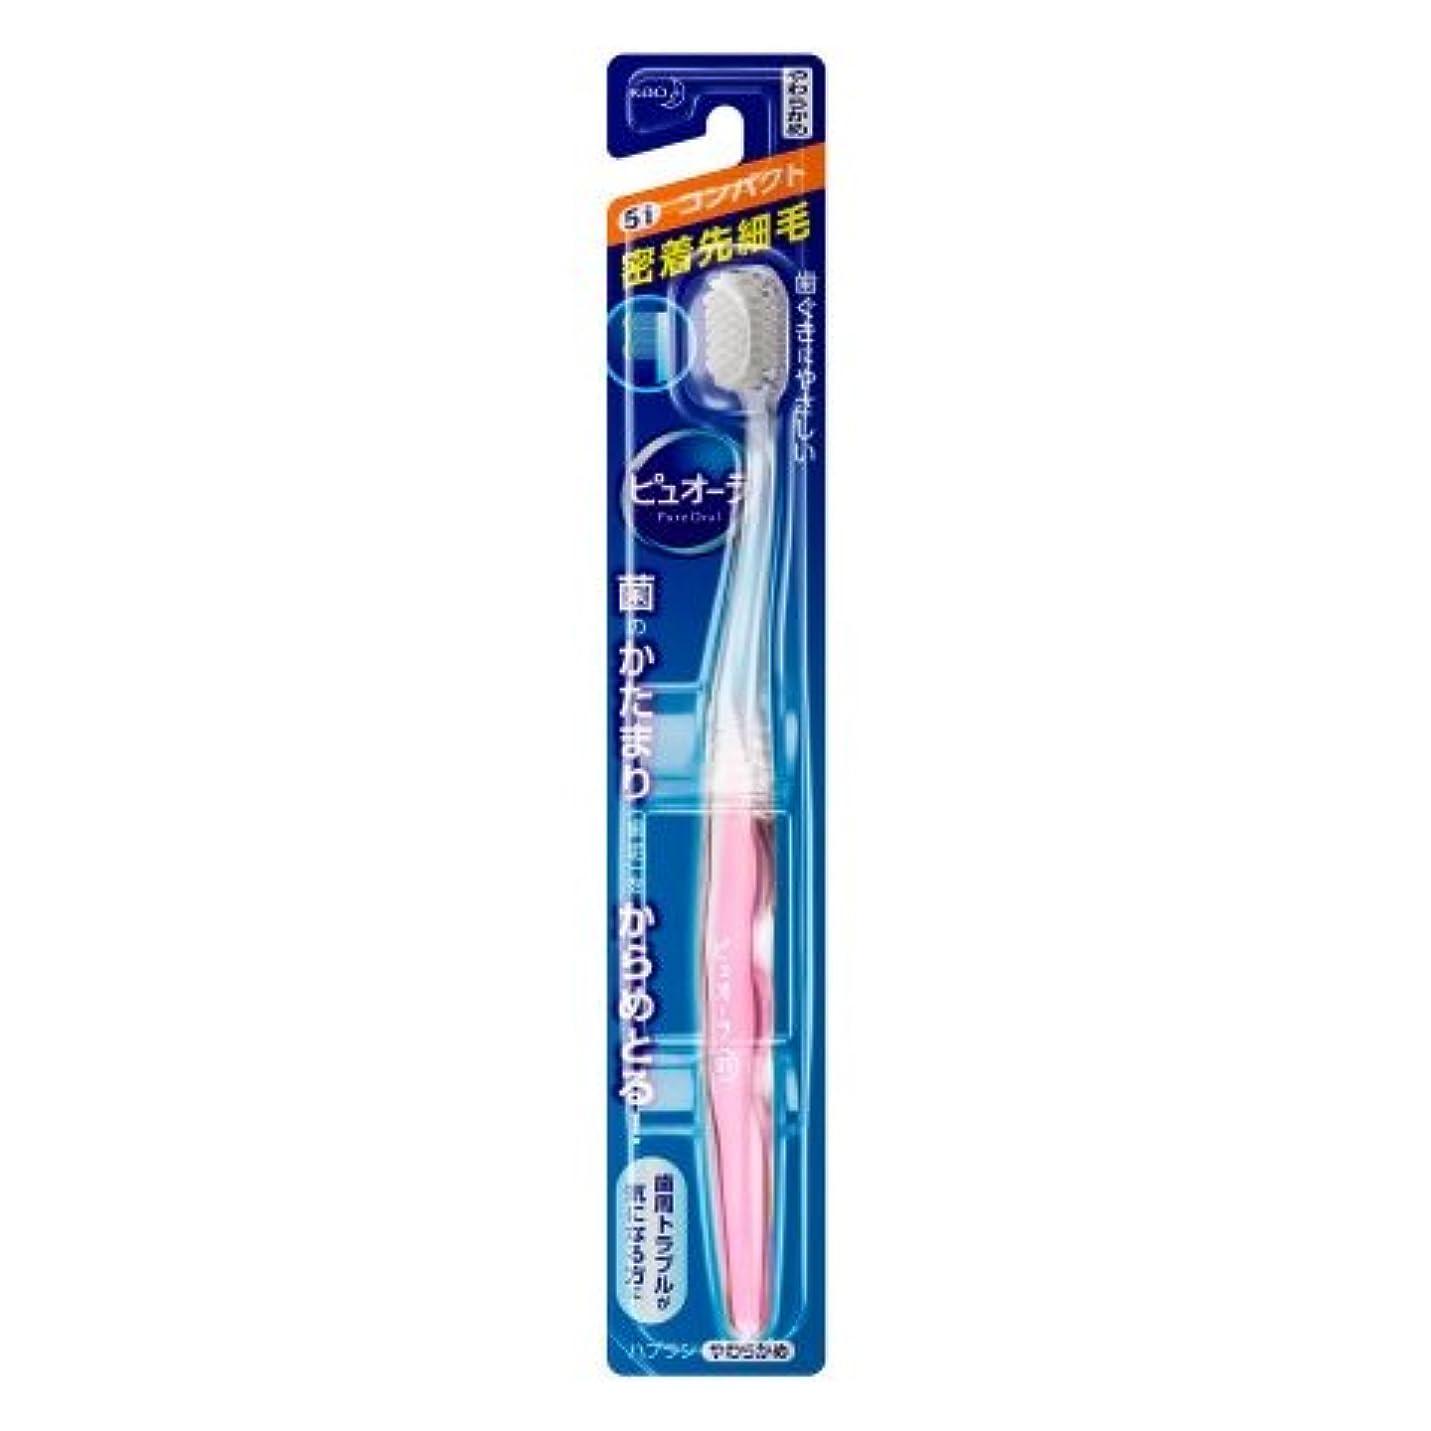 大事にするクローゼットふさわしい【花王】ピュオーラ 歯ブラシコンパクト やわらかめ (1本) ×20個セット